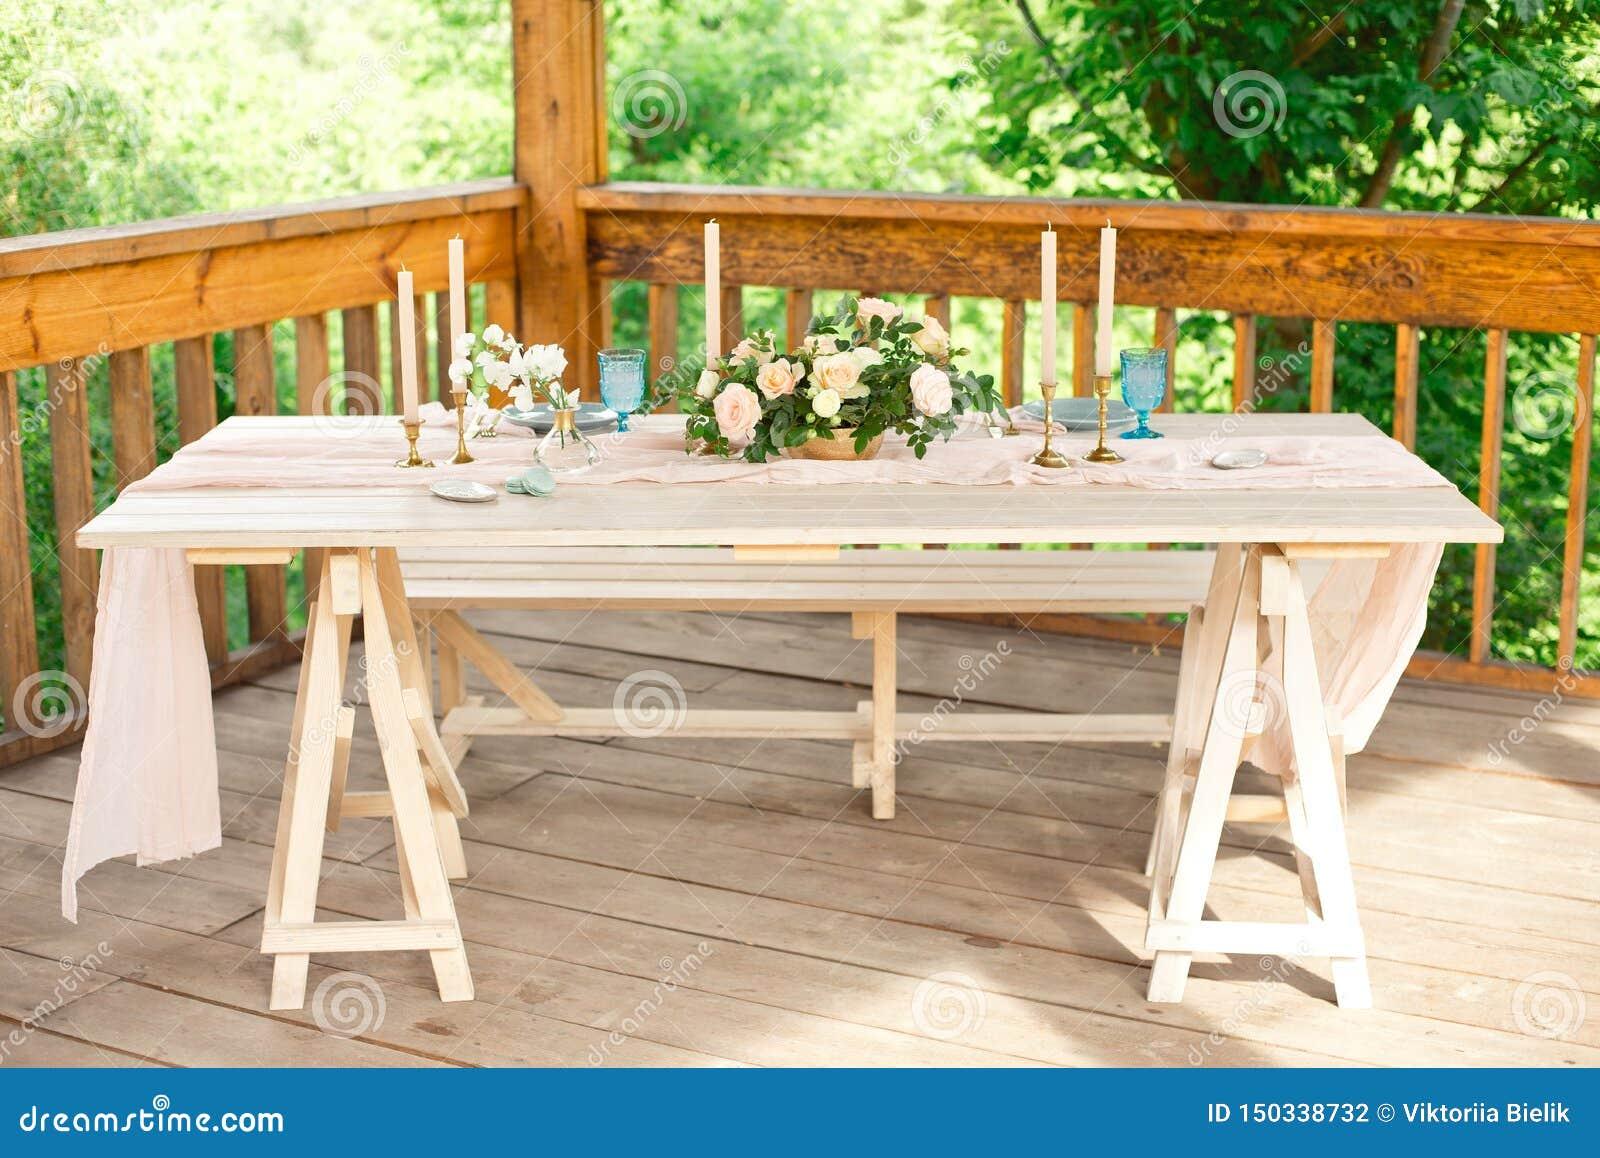 Dekorujący stół dla gościa restauracji dla dwa osoby z talerza nożem, rozwidleniem, serem, winem, win szkłami i kwiatami w grosza